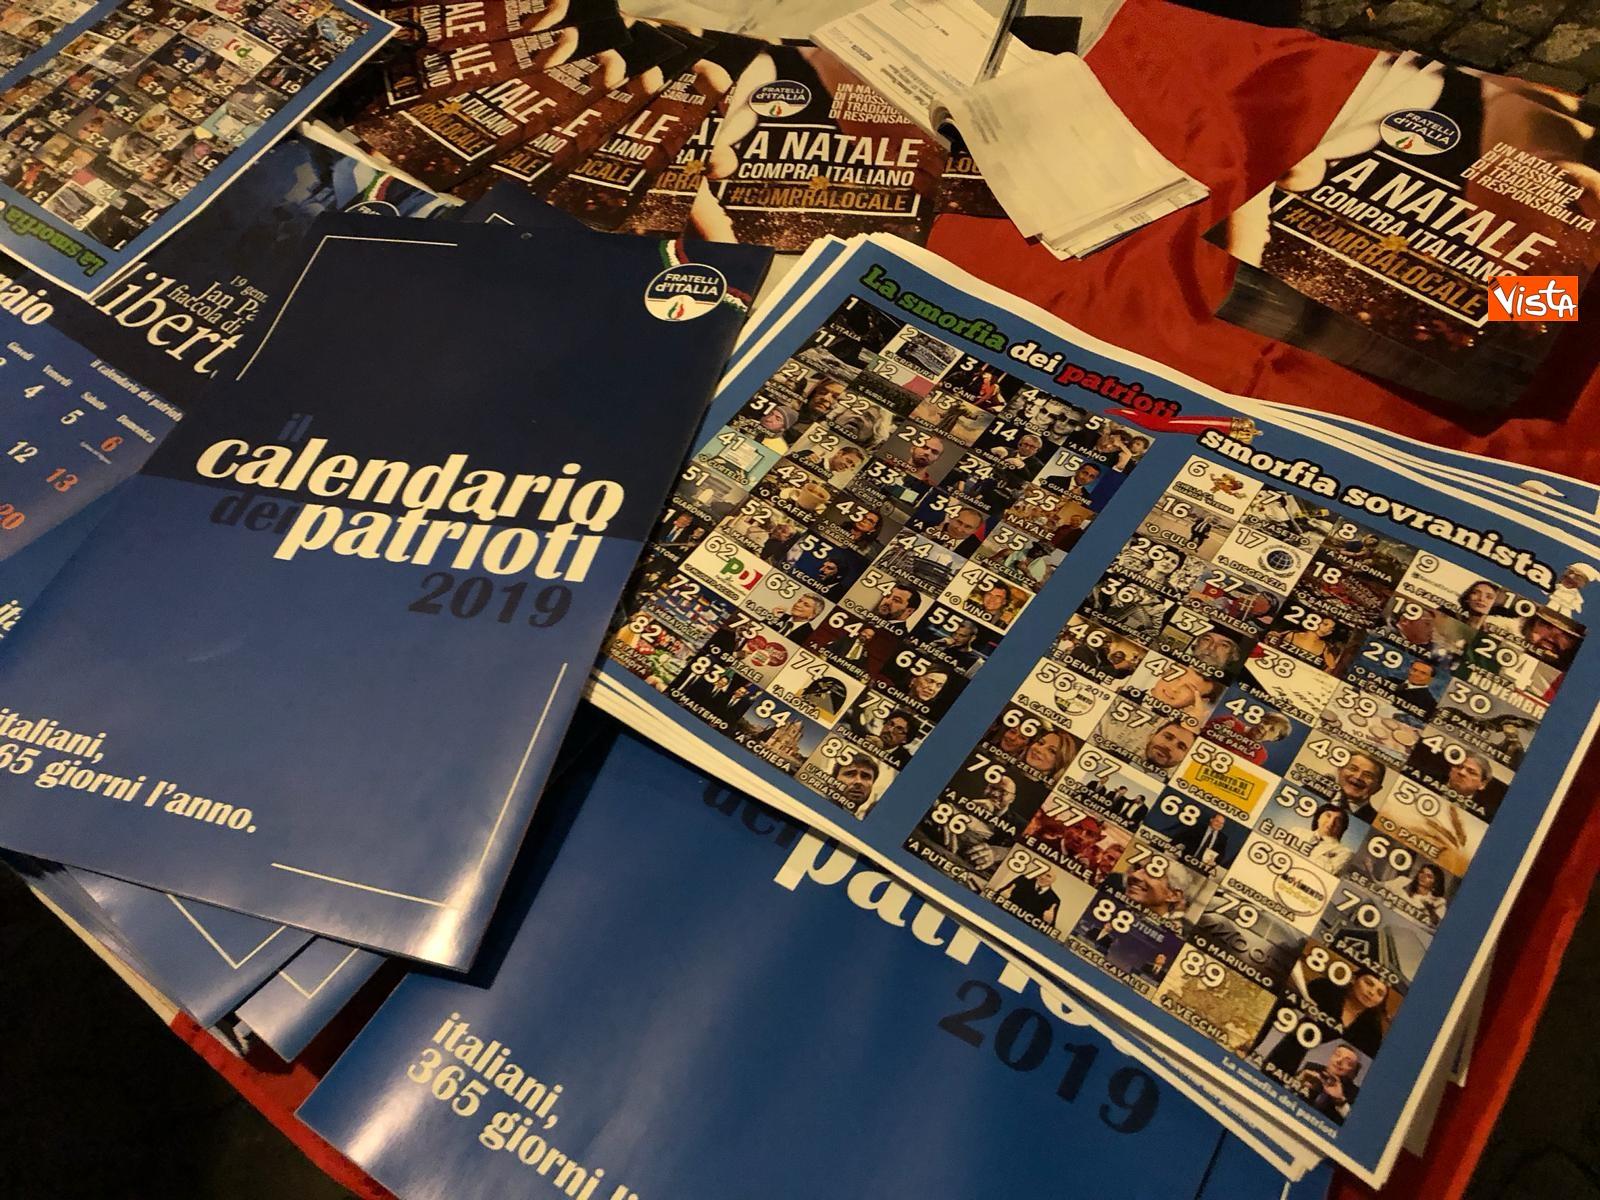 La festa di natale di Fratelli d'Italia, tra prodotti locali e tombolata sovranista_03